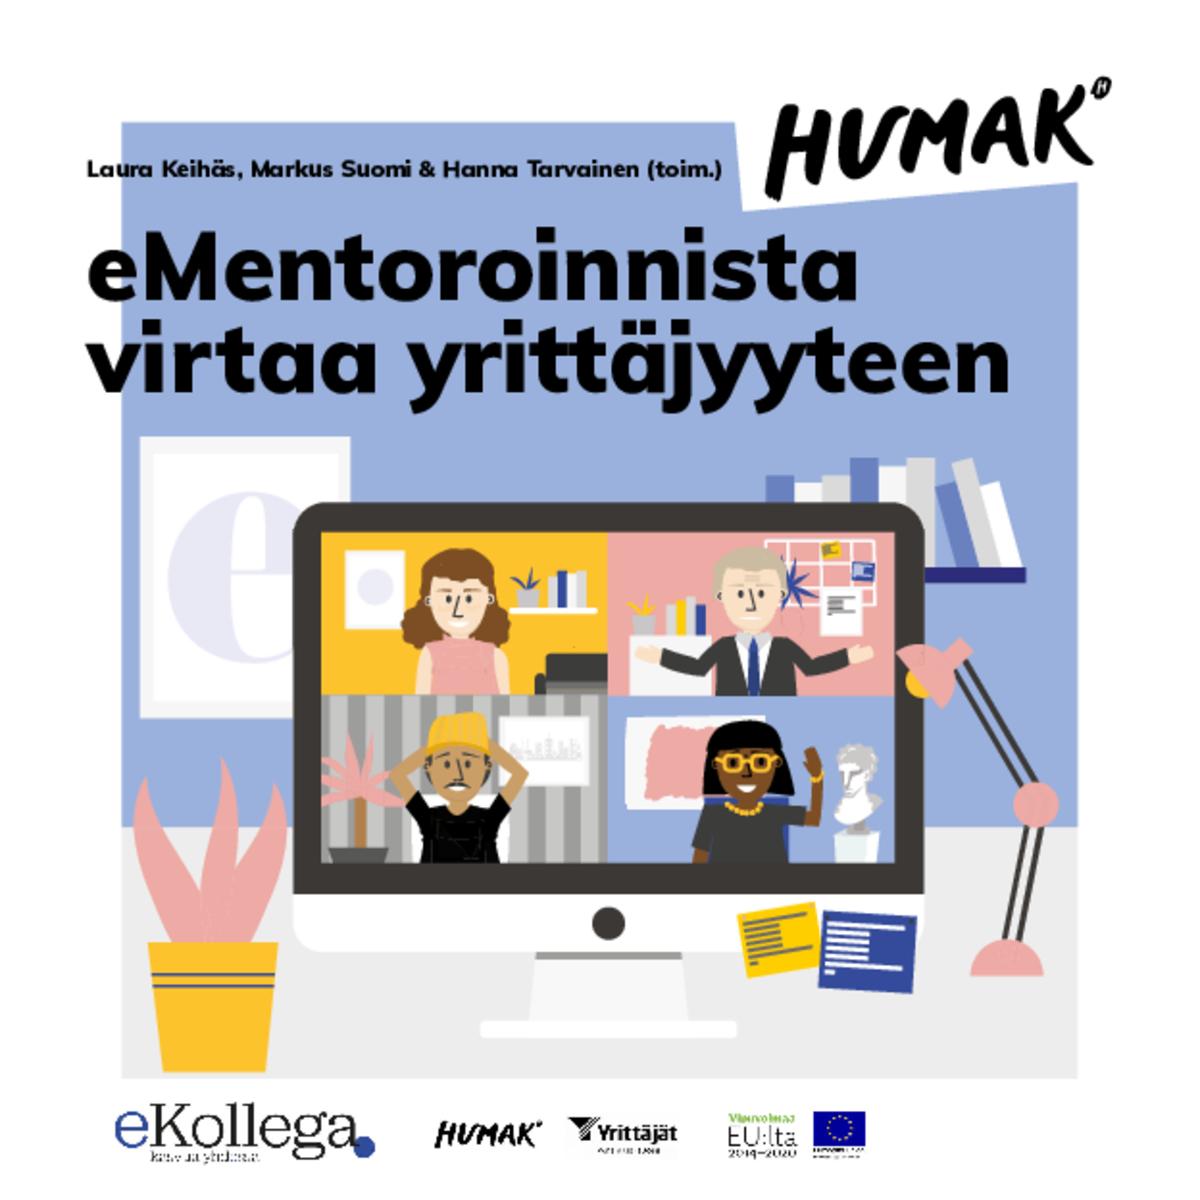 Laura Keihäs, Markus Suomi & Hanna Tarvainen (toim.) eMentoroinnista virtaa yrittäjyyteen